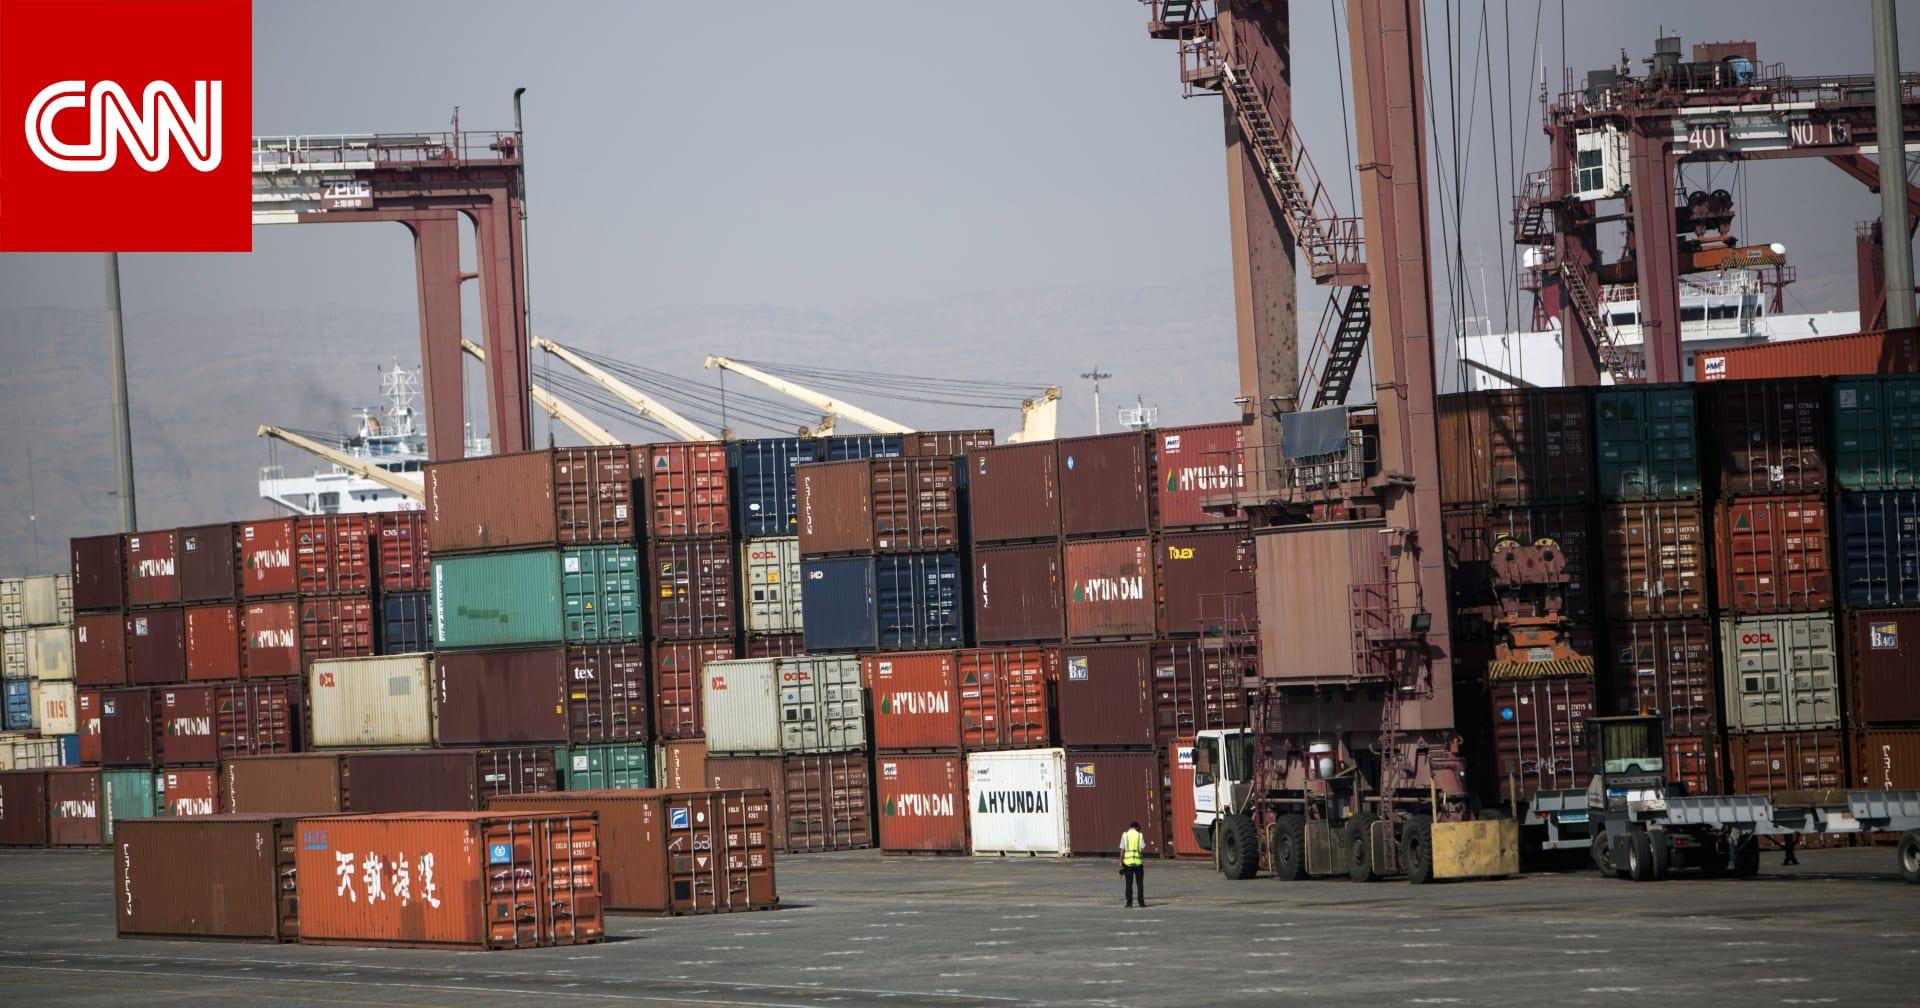 مسؤول إيراني يكشف حجم التبادل التجاري مع دول الجوار.. والسعودية لم تبع طهران سلعة واحدة